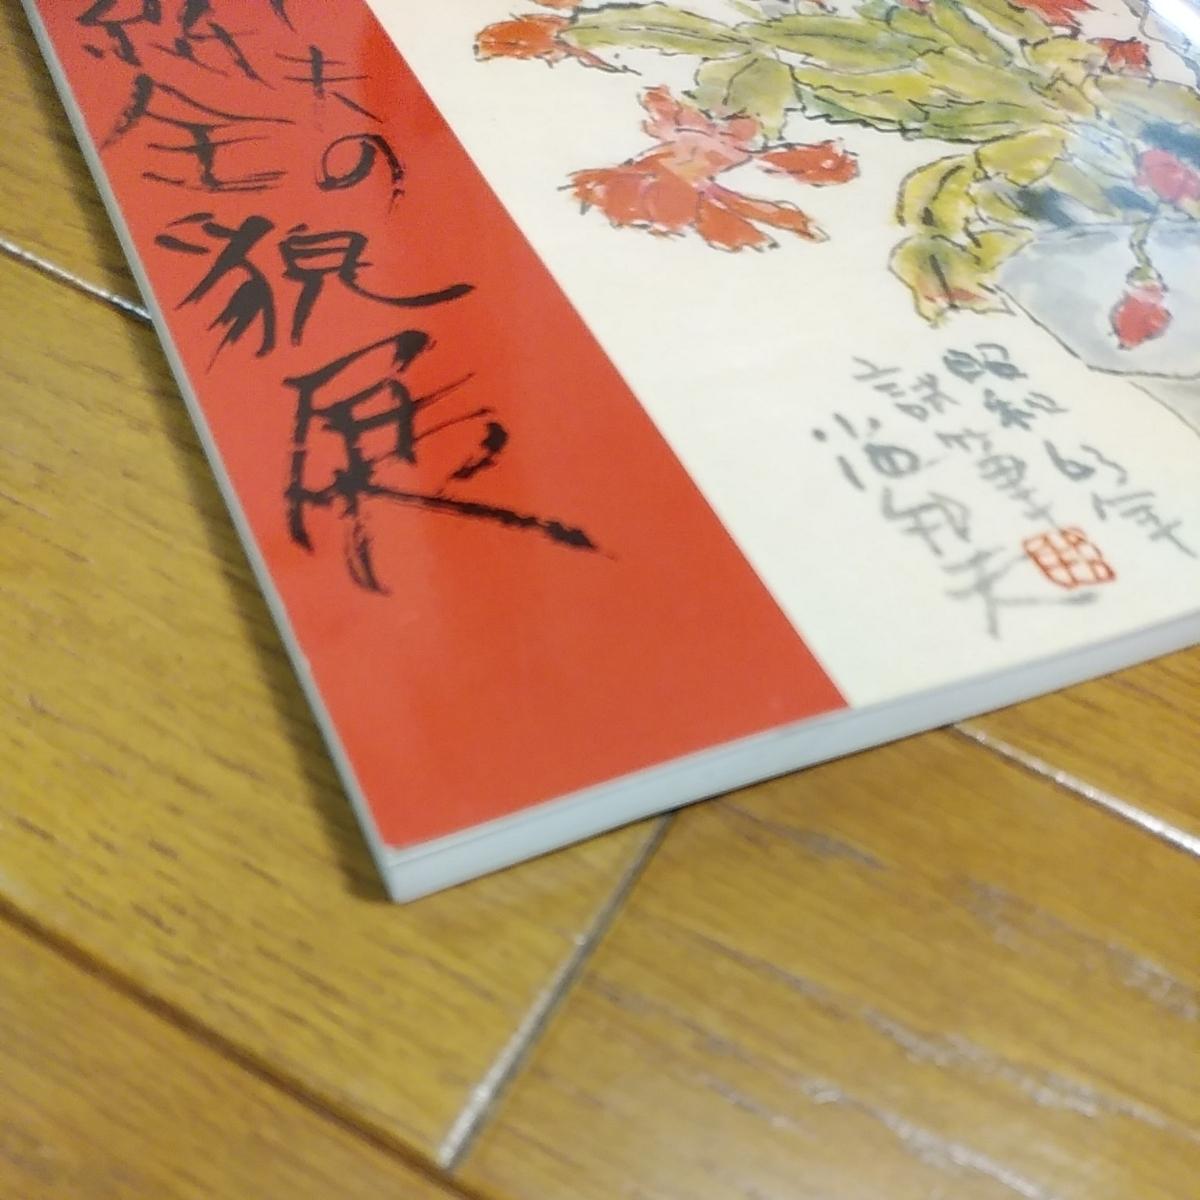 ◆小池邦夫の絵手紙展◆絵手紙を創った男◆_画像3